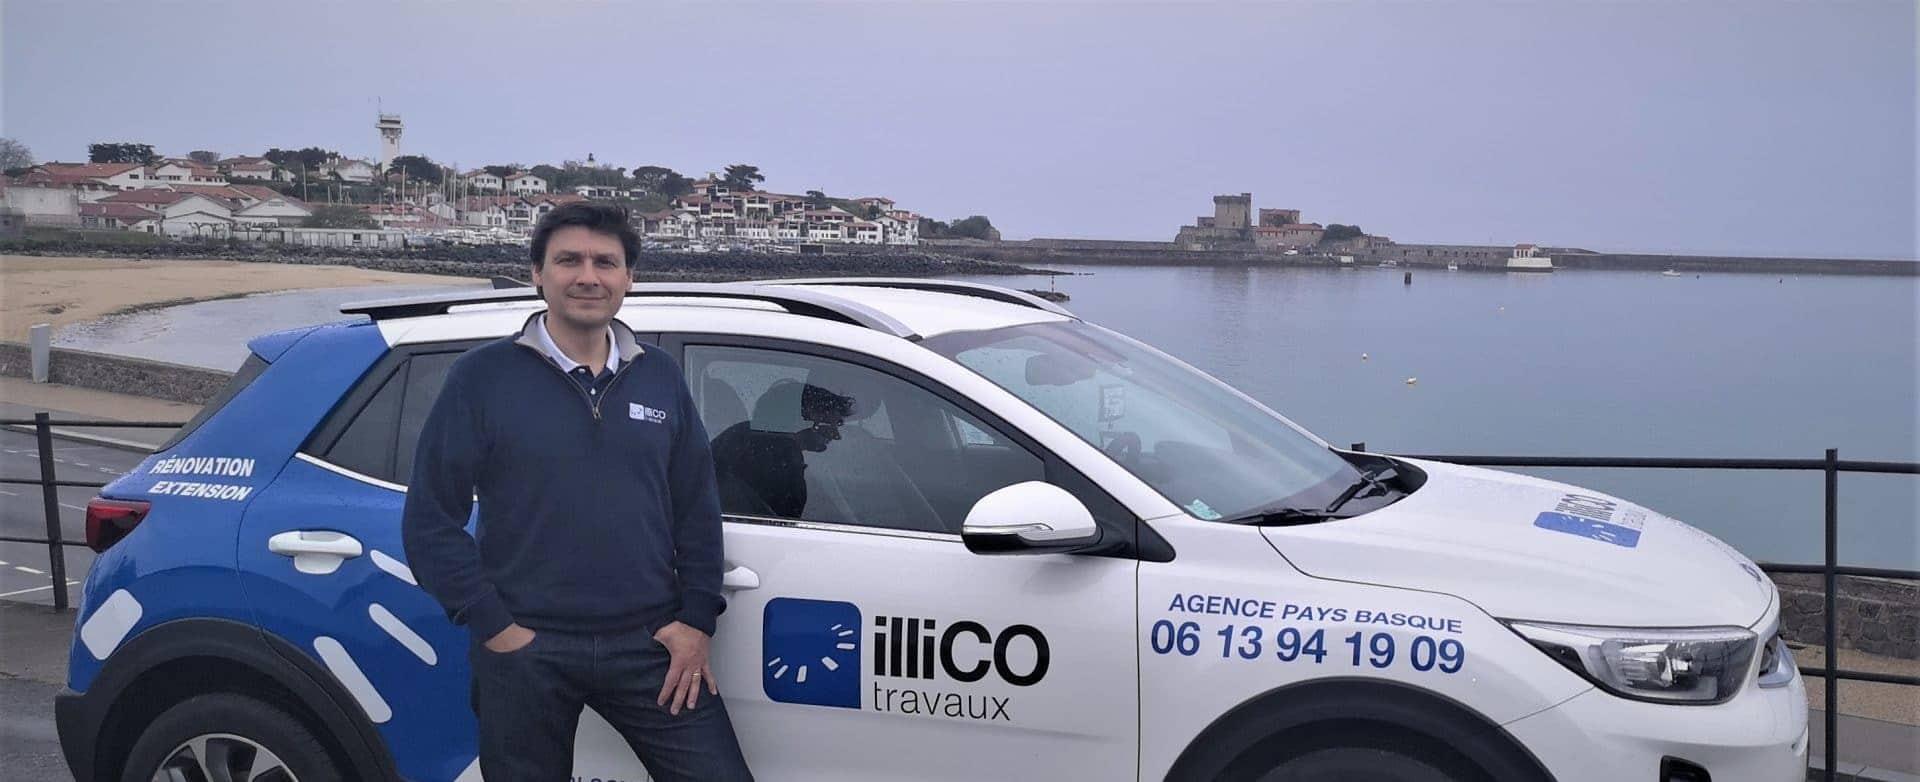 Témoignage vidéo de Luis URTIAGA, responsable de l'agence illiCO travaux Pays Basque